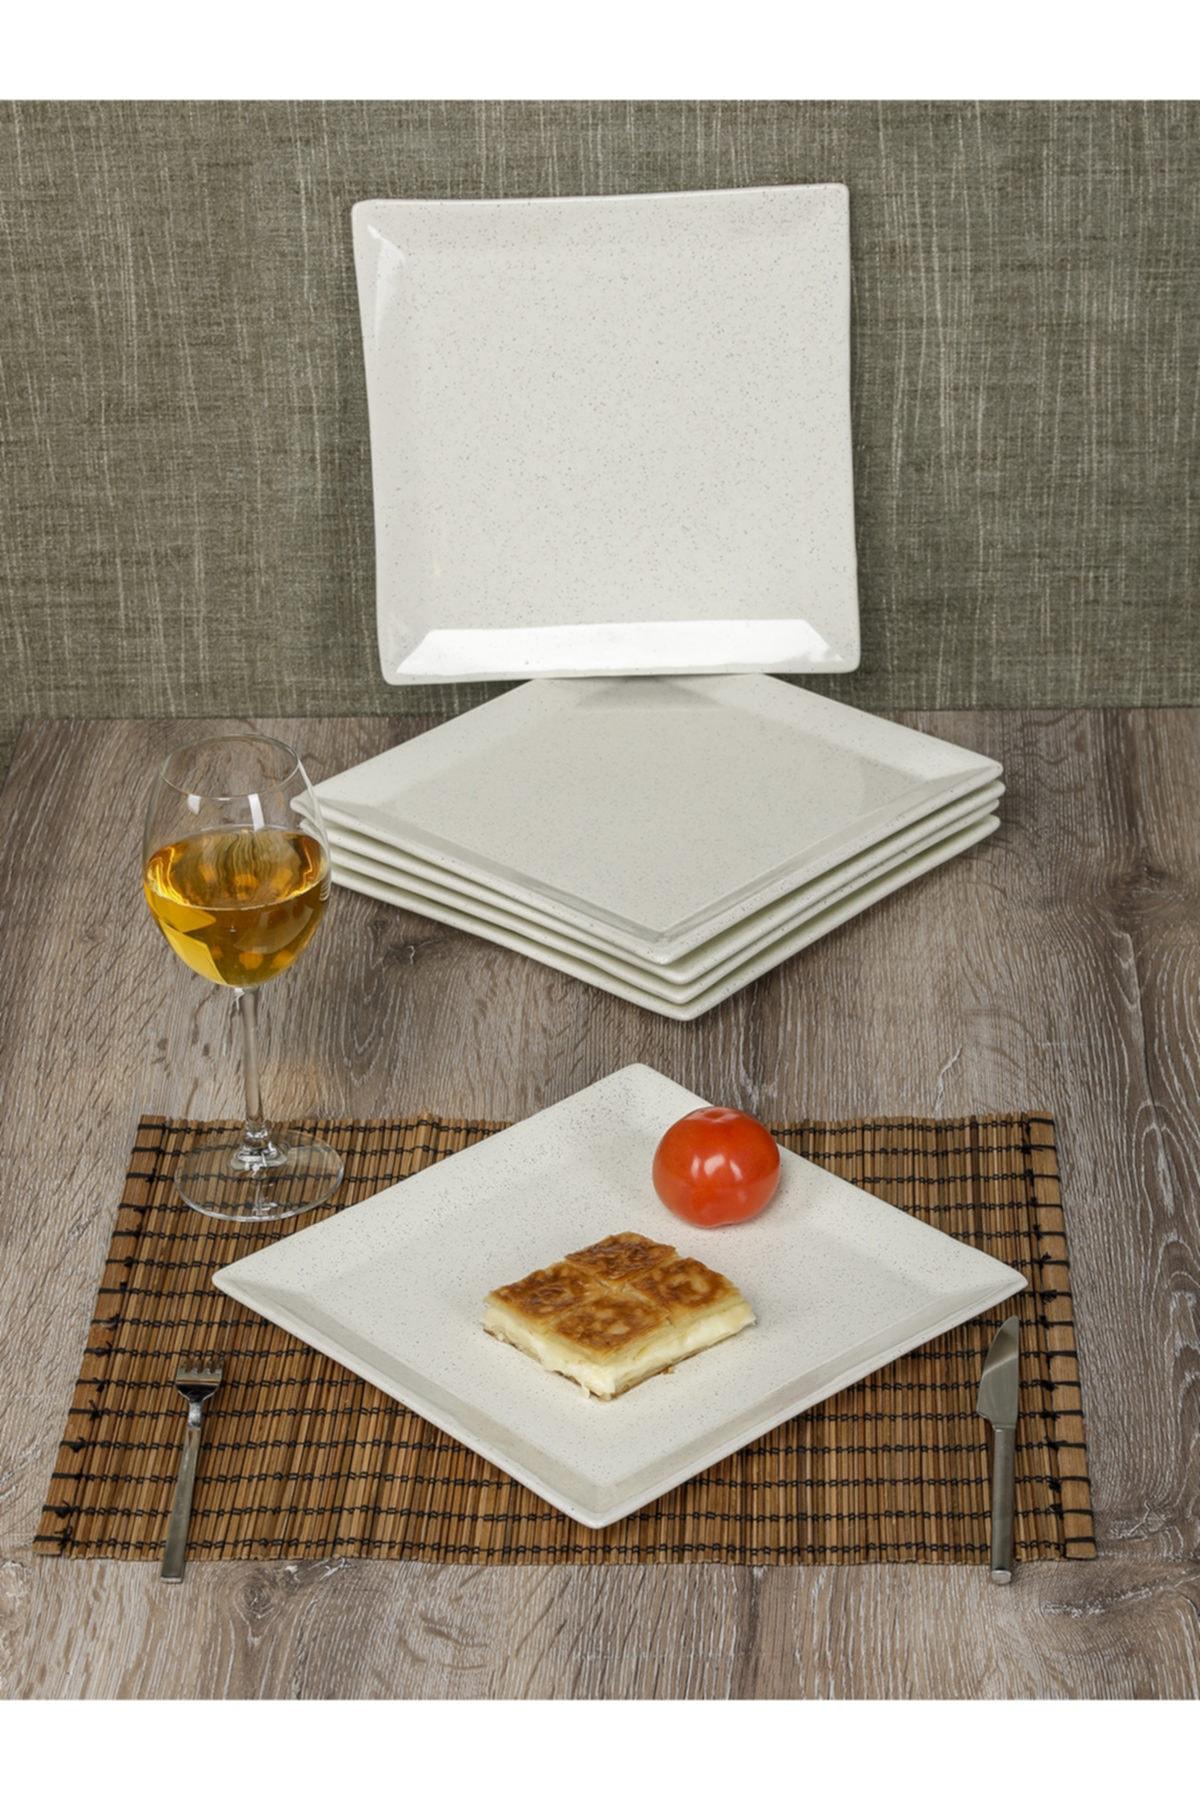 MHK Collection Granit Desenli Kare 6 Kişilik Büyük Servis Sunum Tabağı Beyaz 1